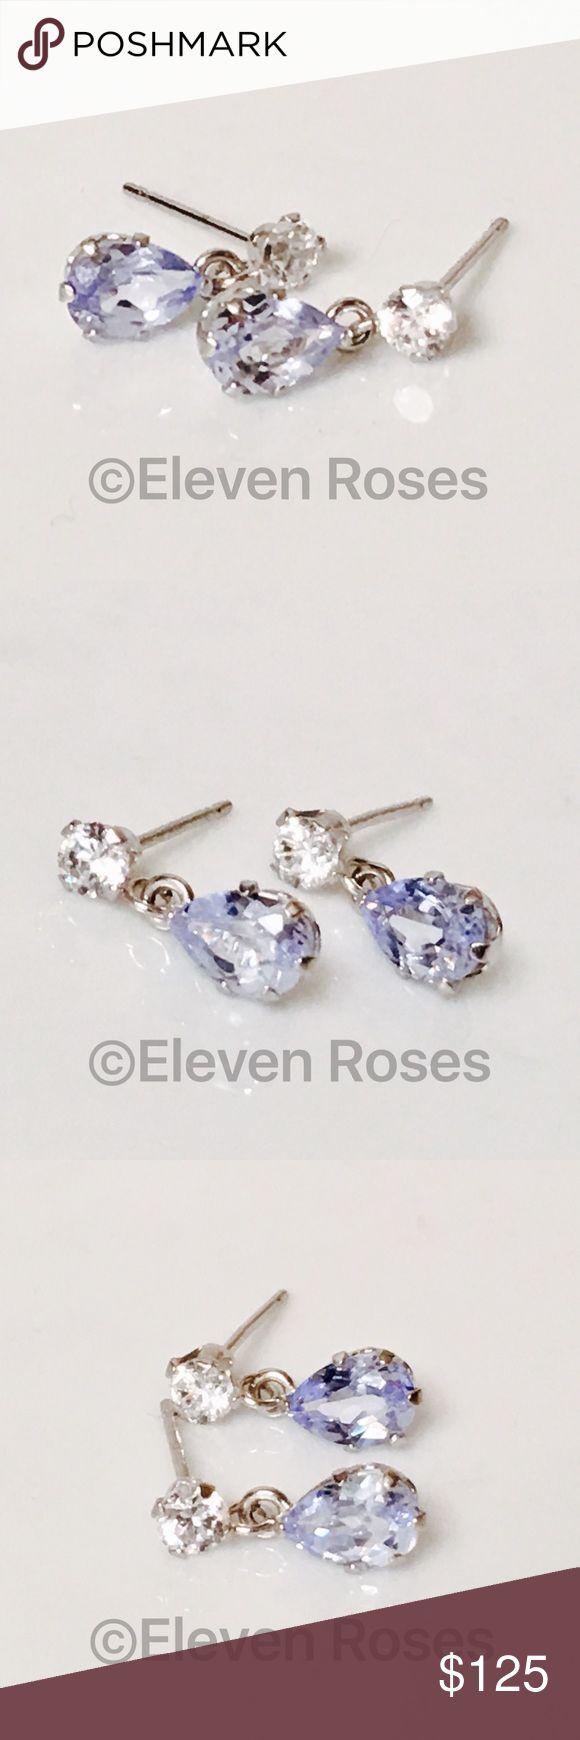 Best 25+ Small Earrings Ideas On Pinterest  Earrings, Ear Peircings And  Helix Piercings